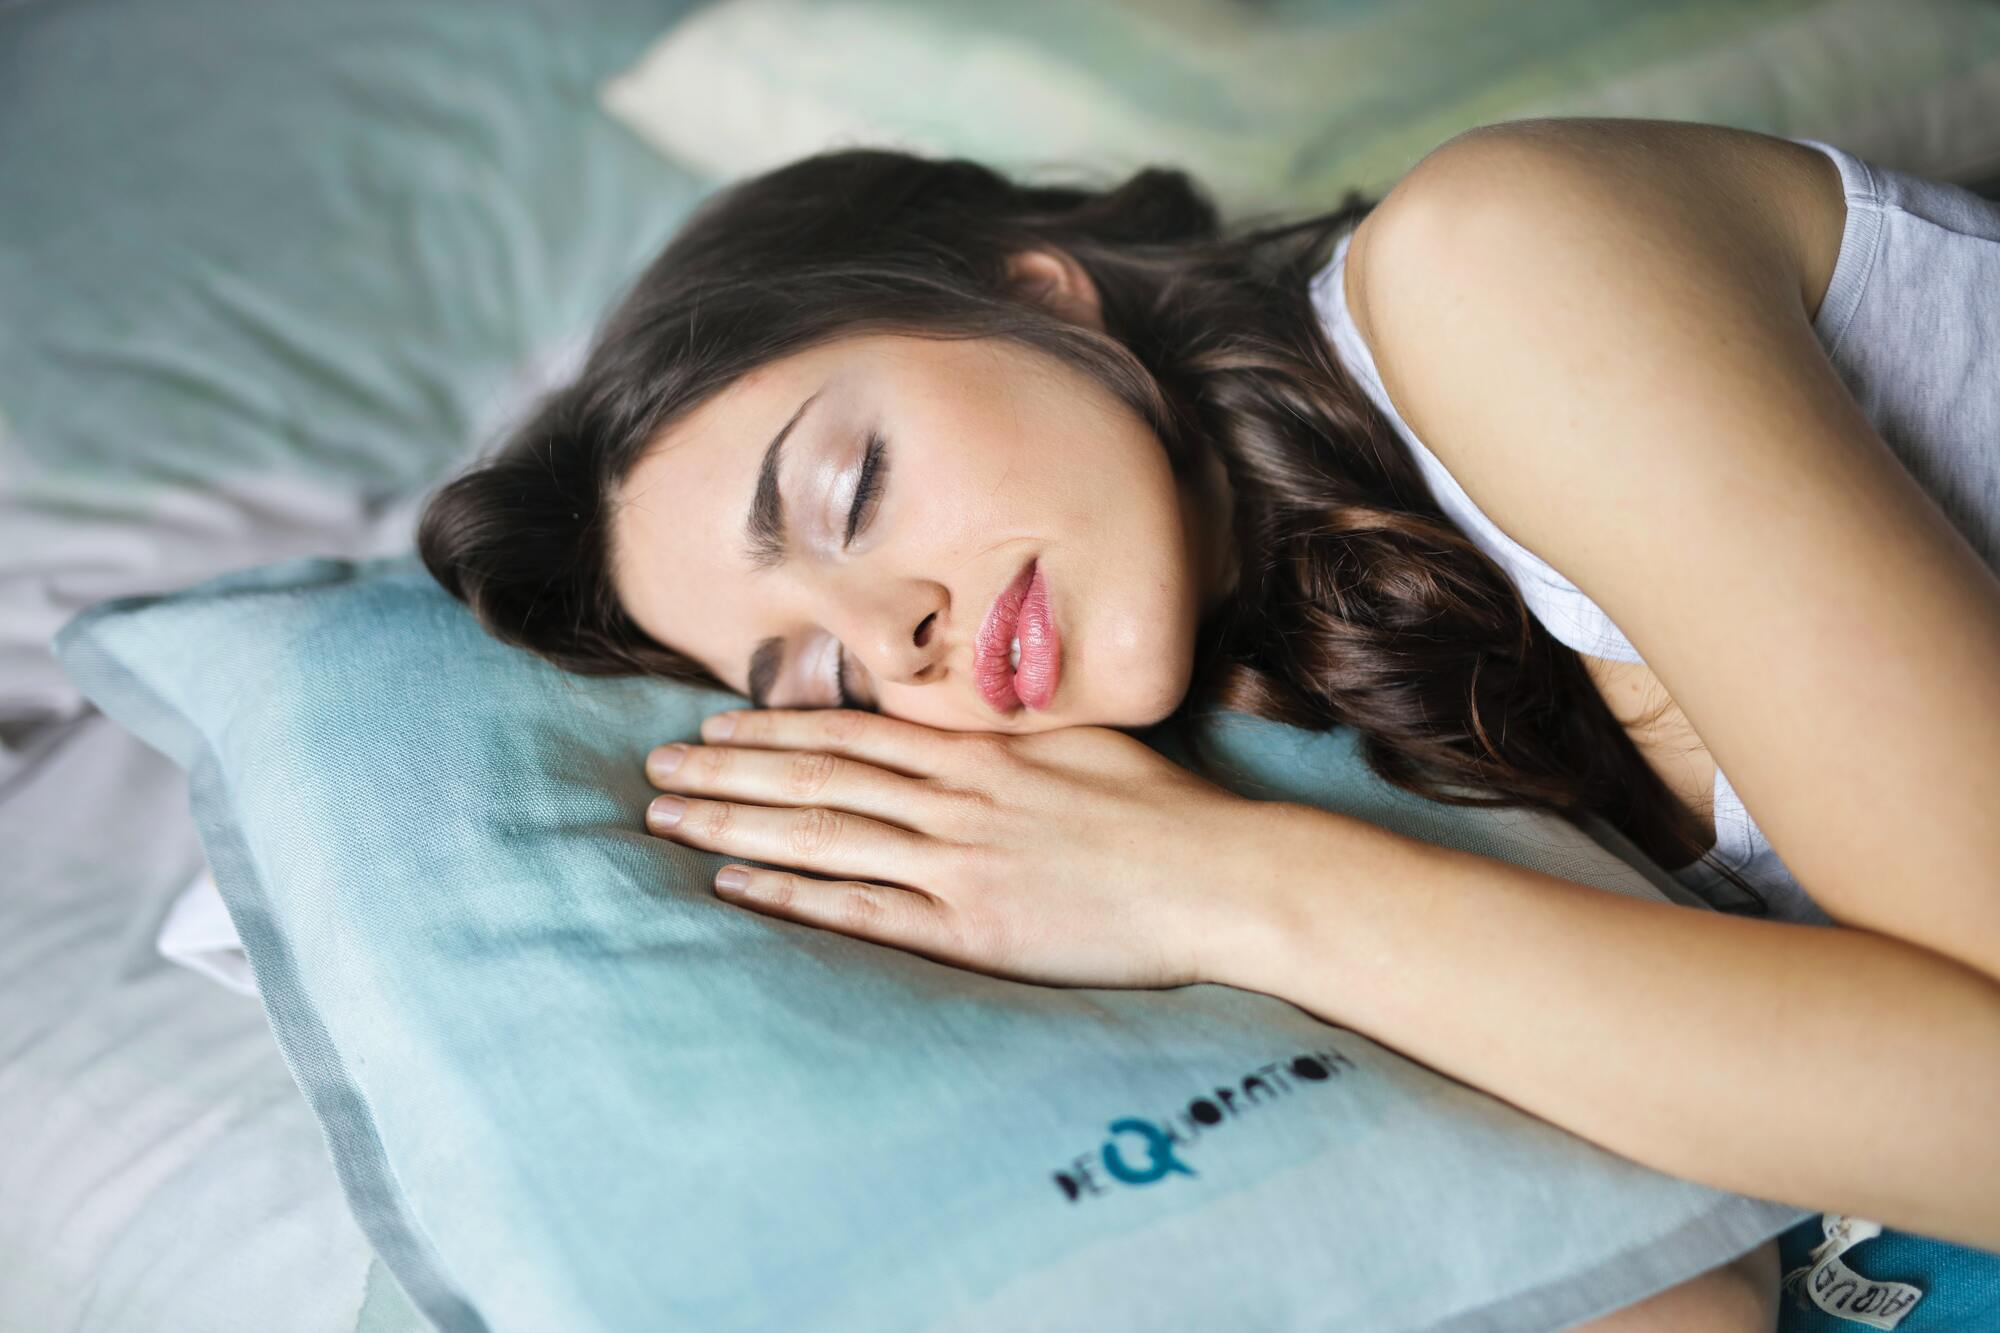 Из-за хронического недосыпания развиваются опасные болезни